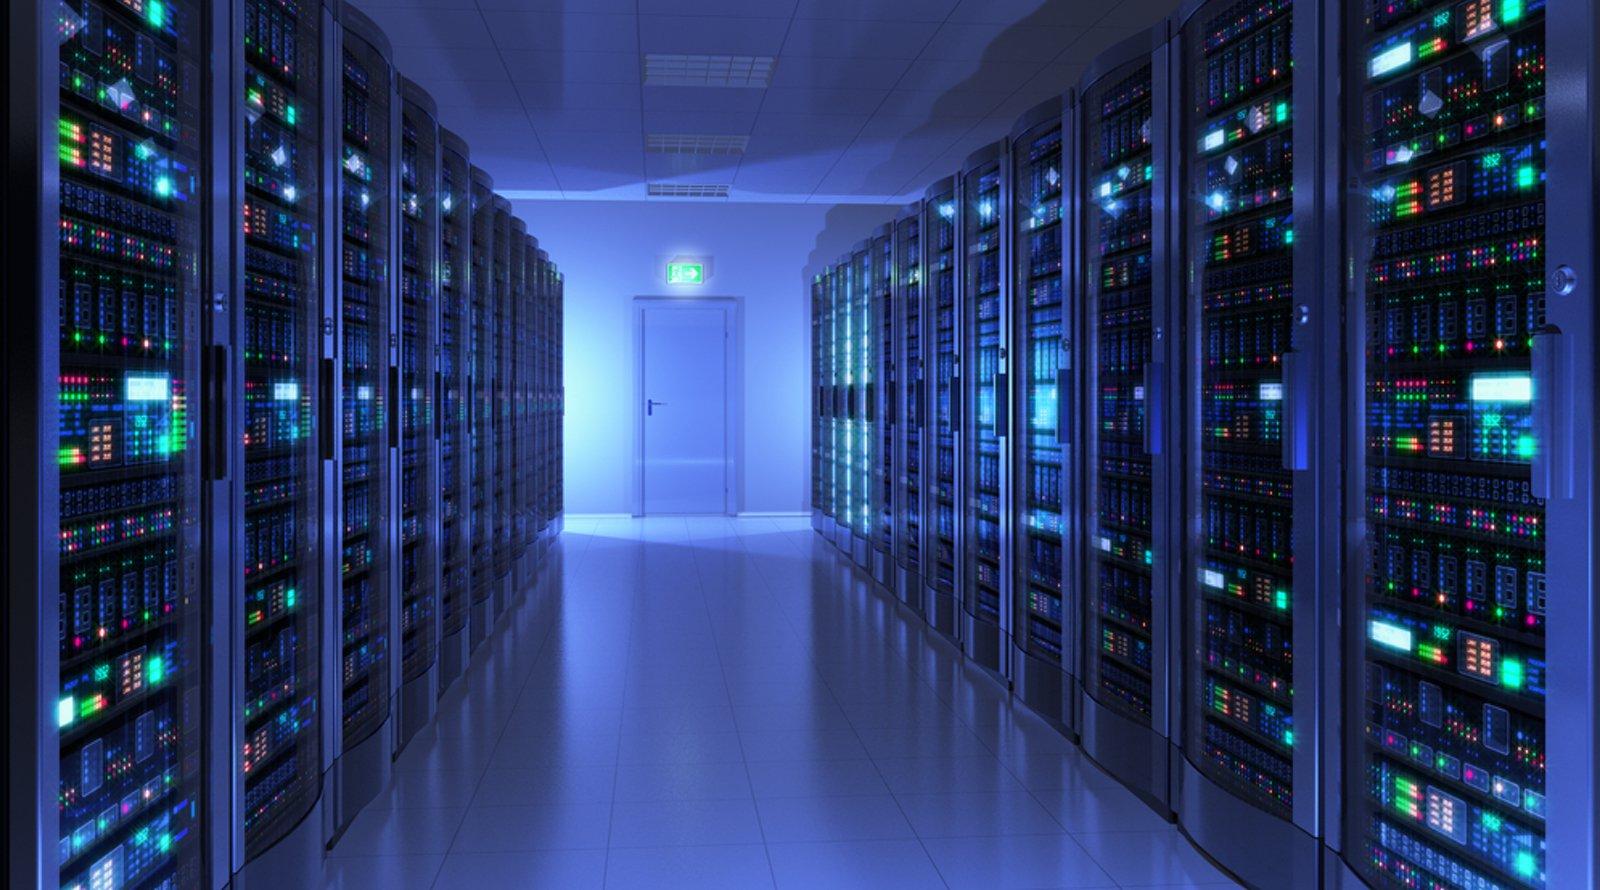 تصویر از تفاوت های پایگاه داده سنتی با بلاک چین چیست؟